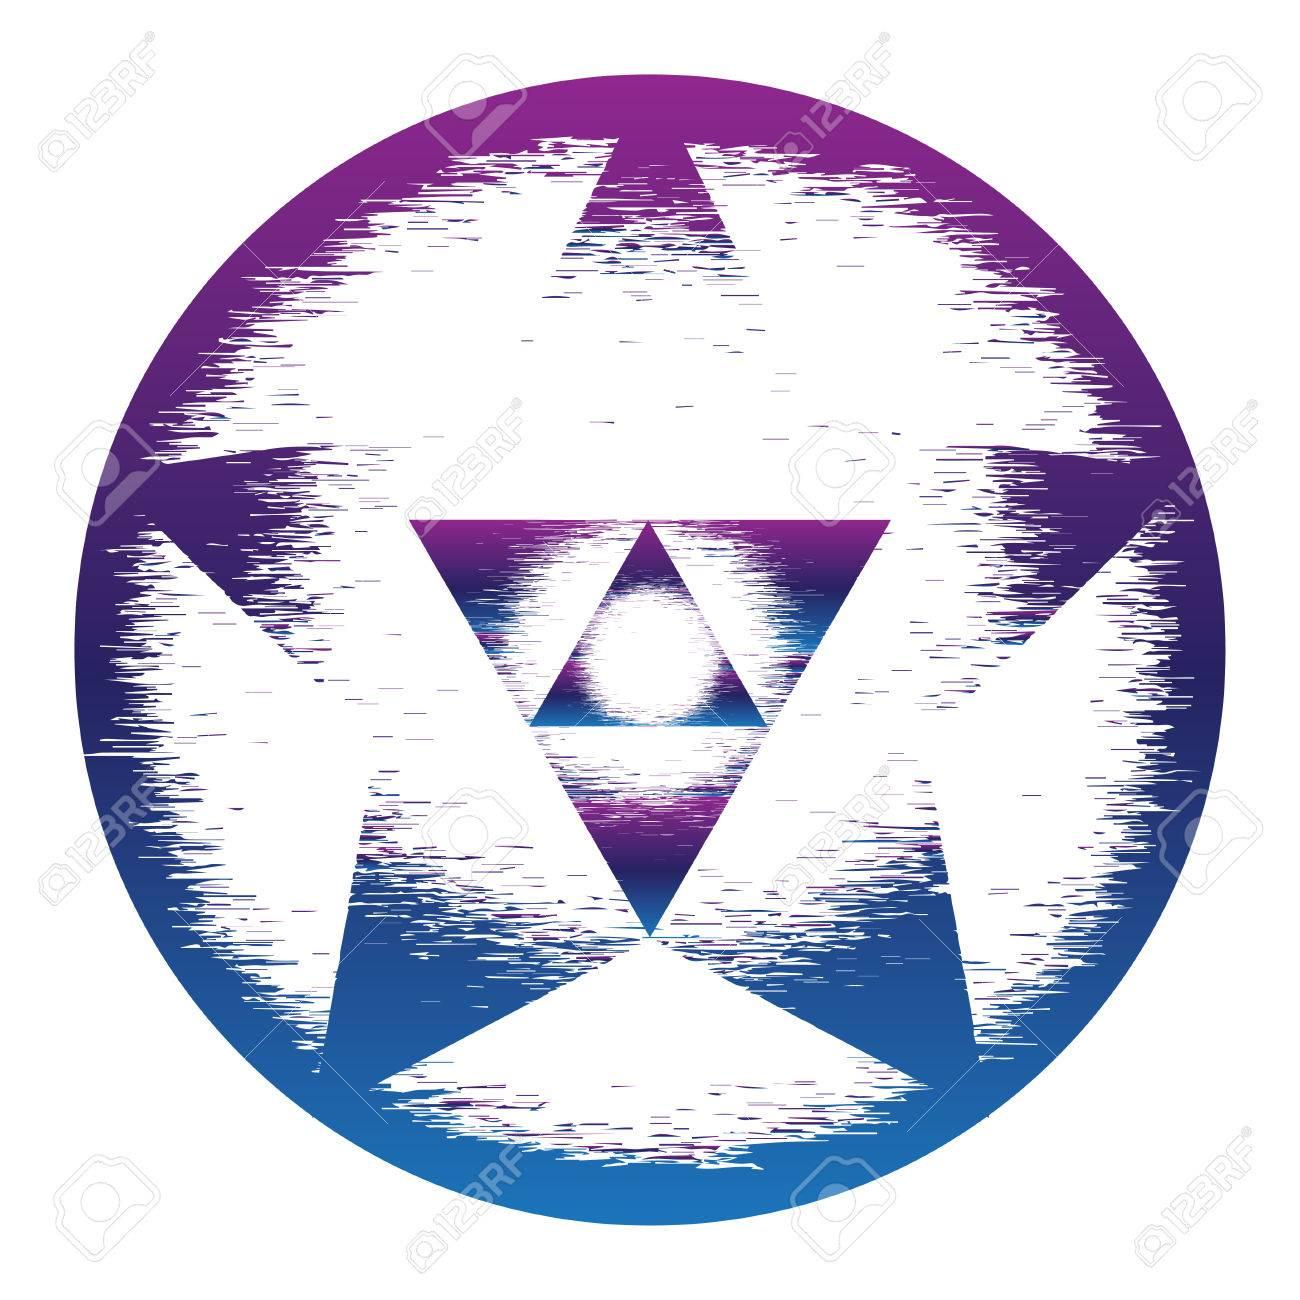 Heilige Geometrie Symbol Mandala Geheimnis Element Verwendet Für